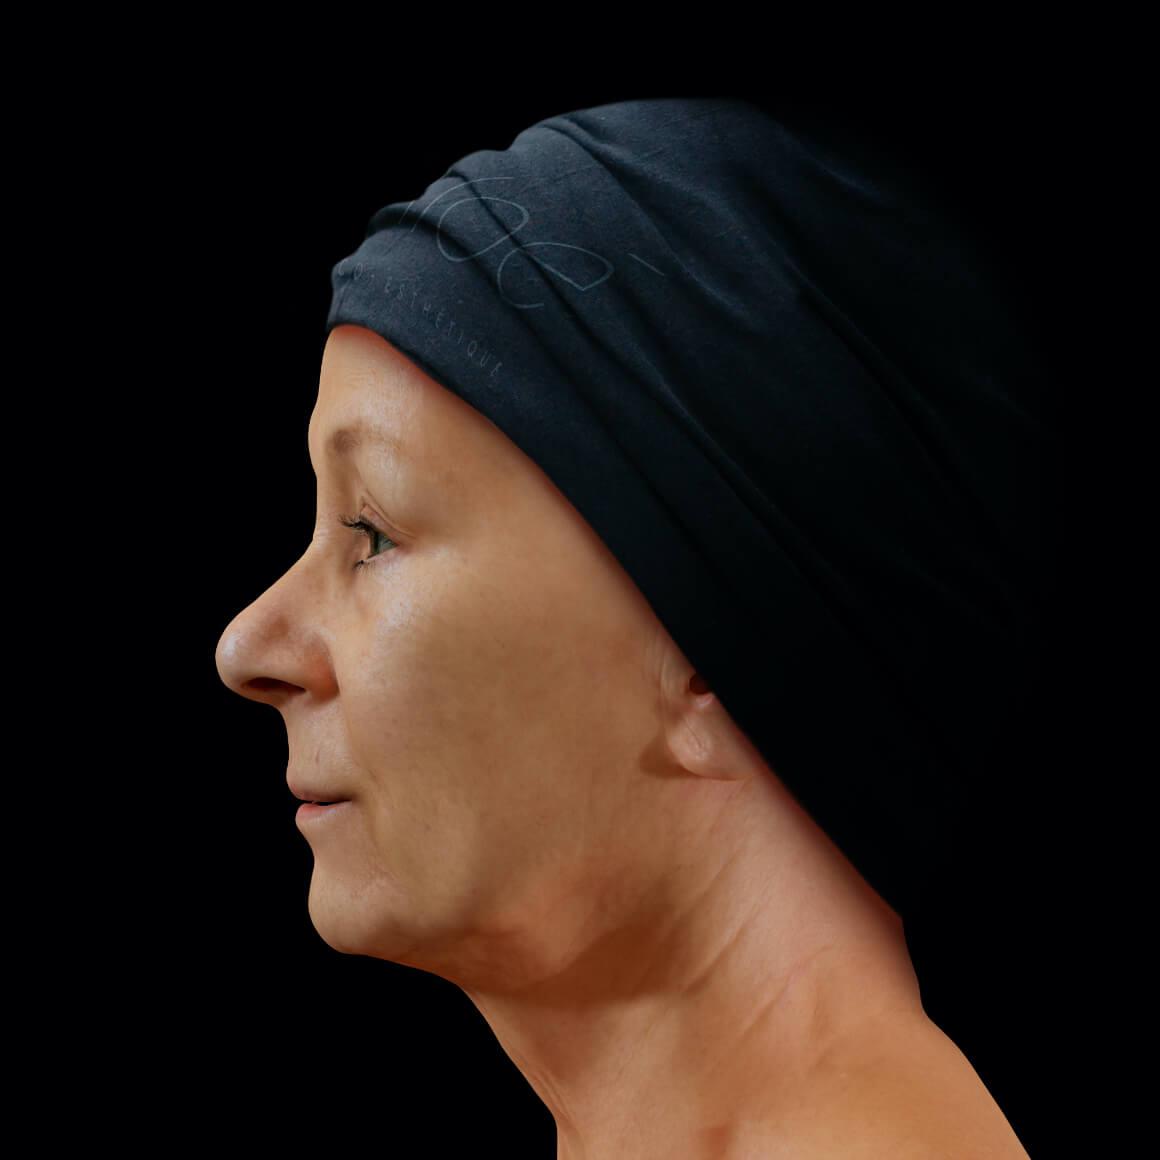 Femme patiente à la Clinique Chloé positionnée de côté après des traitements de mésothérapie pour estomper les rides